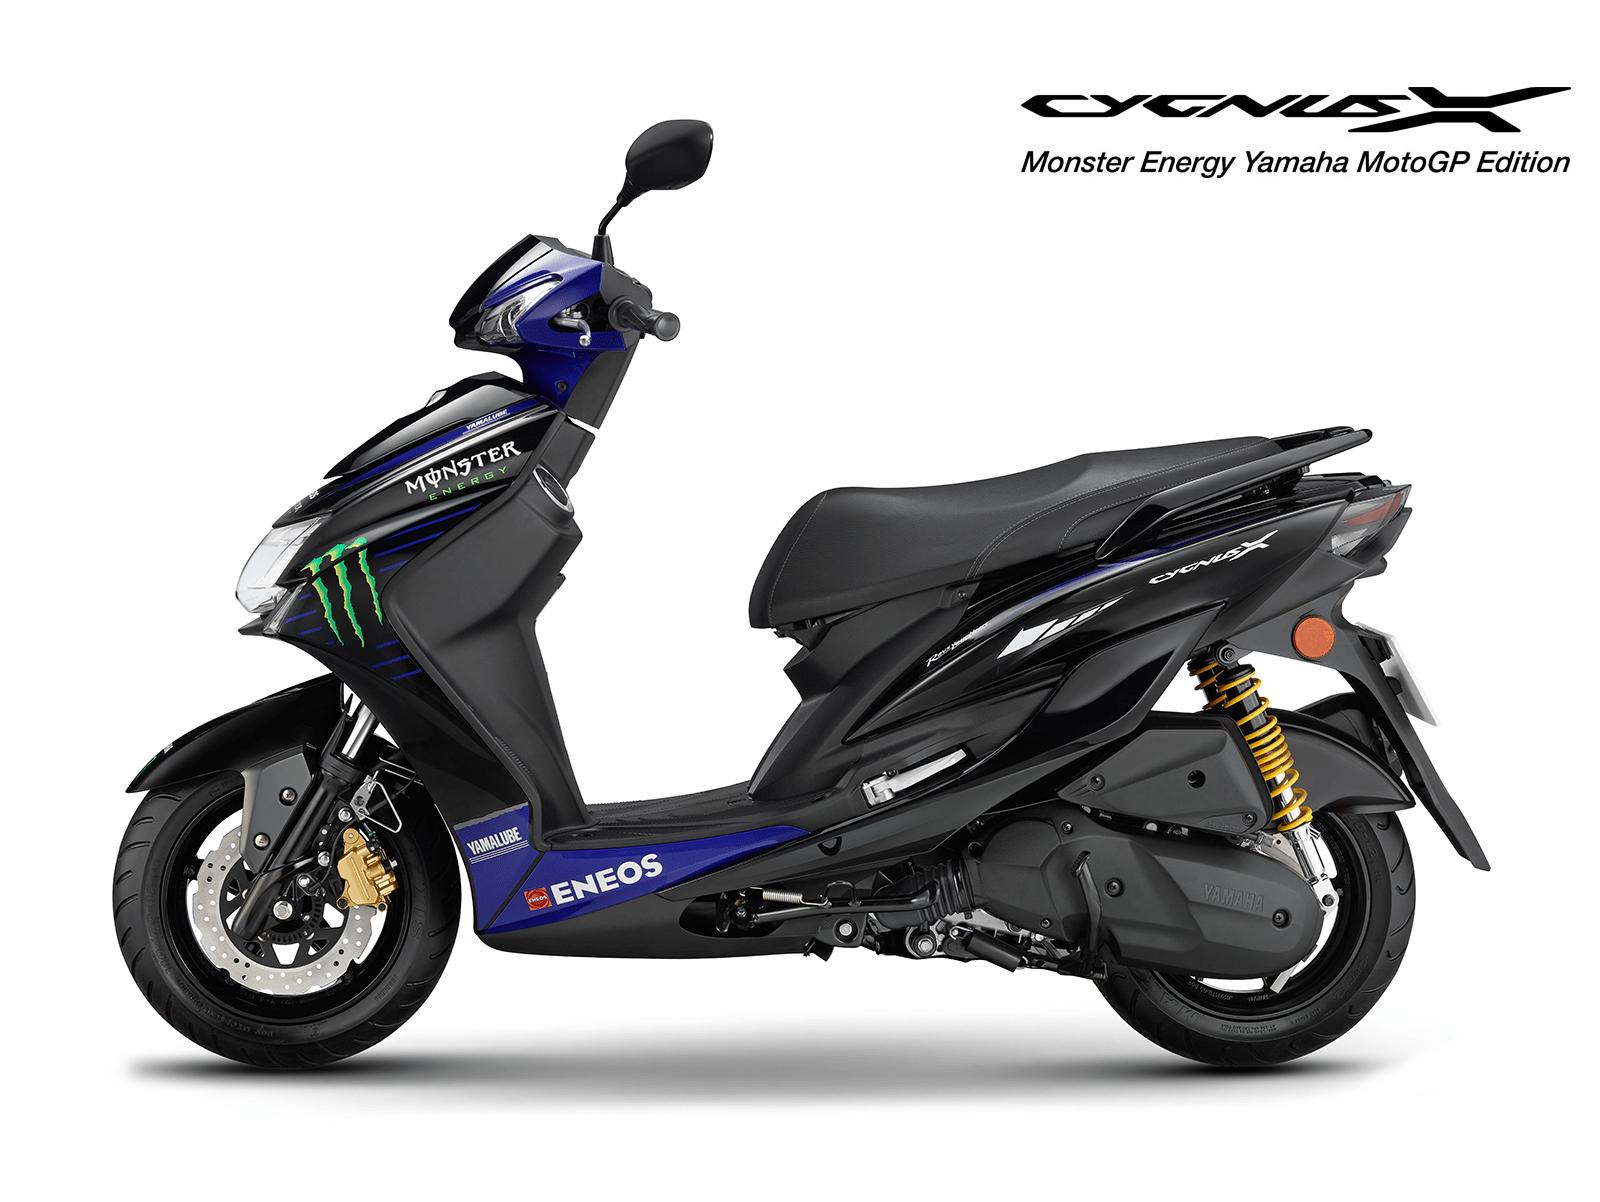 cygnus motogp 2019